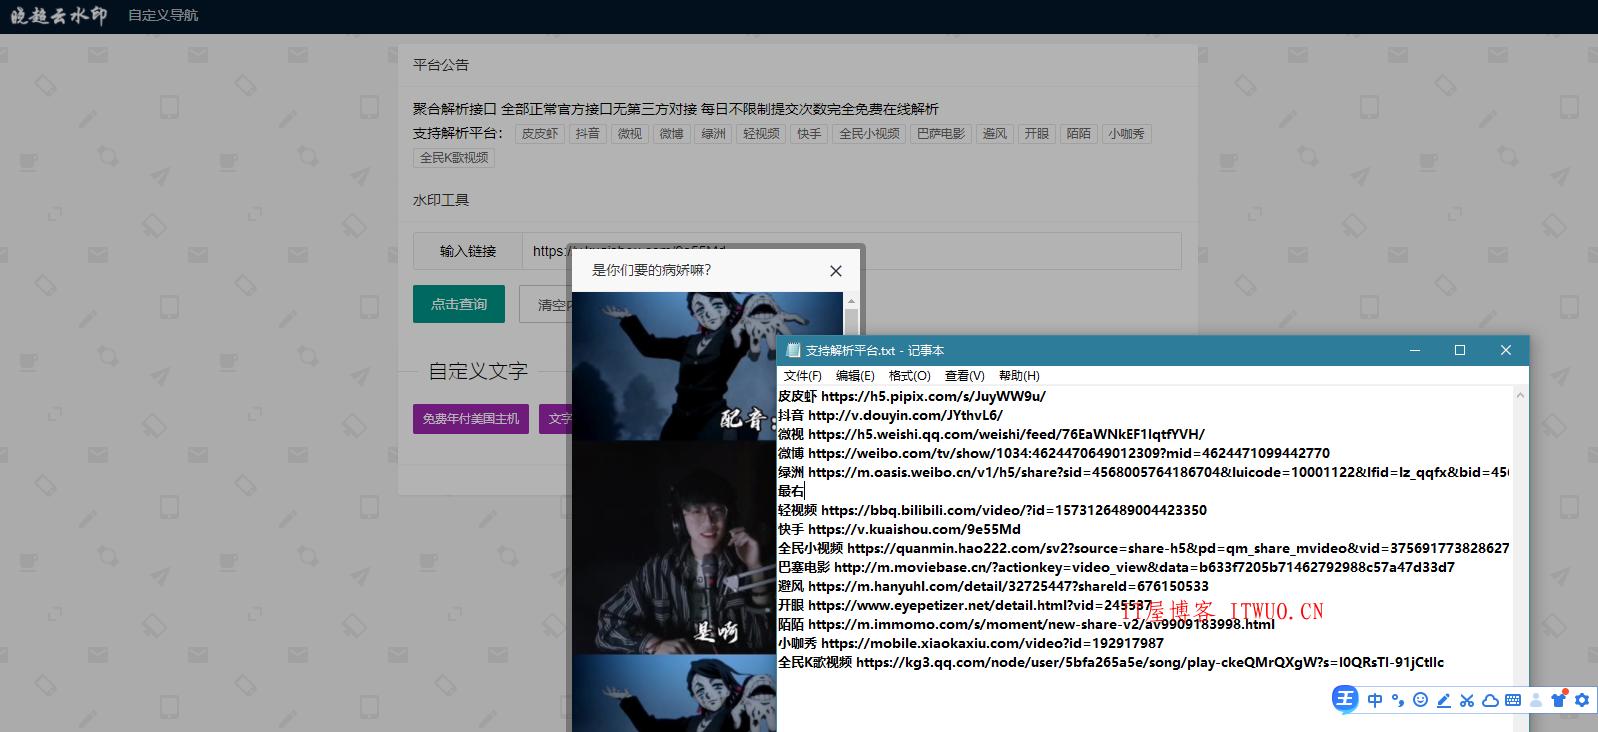 聚合短视频解析网程序源码,聚合短视频解析网程序源码 第1张,聚合短视频解析网程序源码,第1张